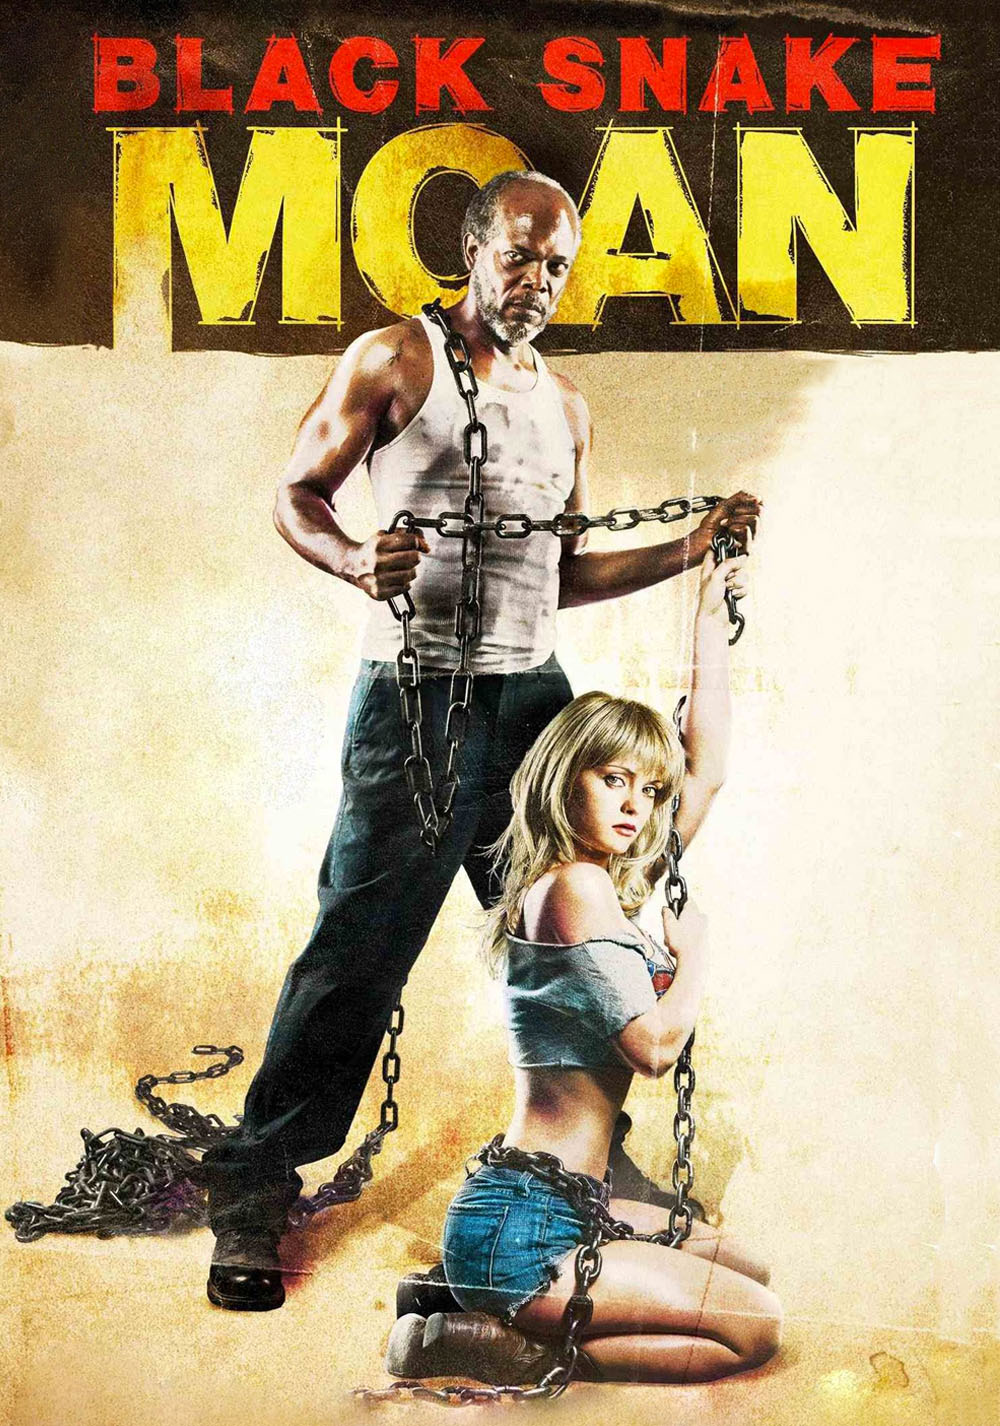 black snake moan 2006 full movie